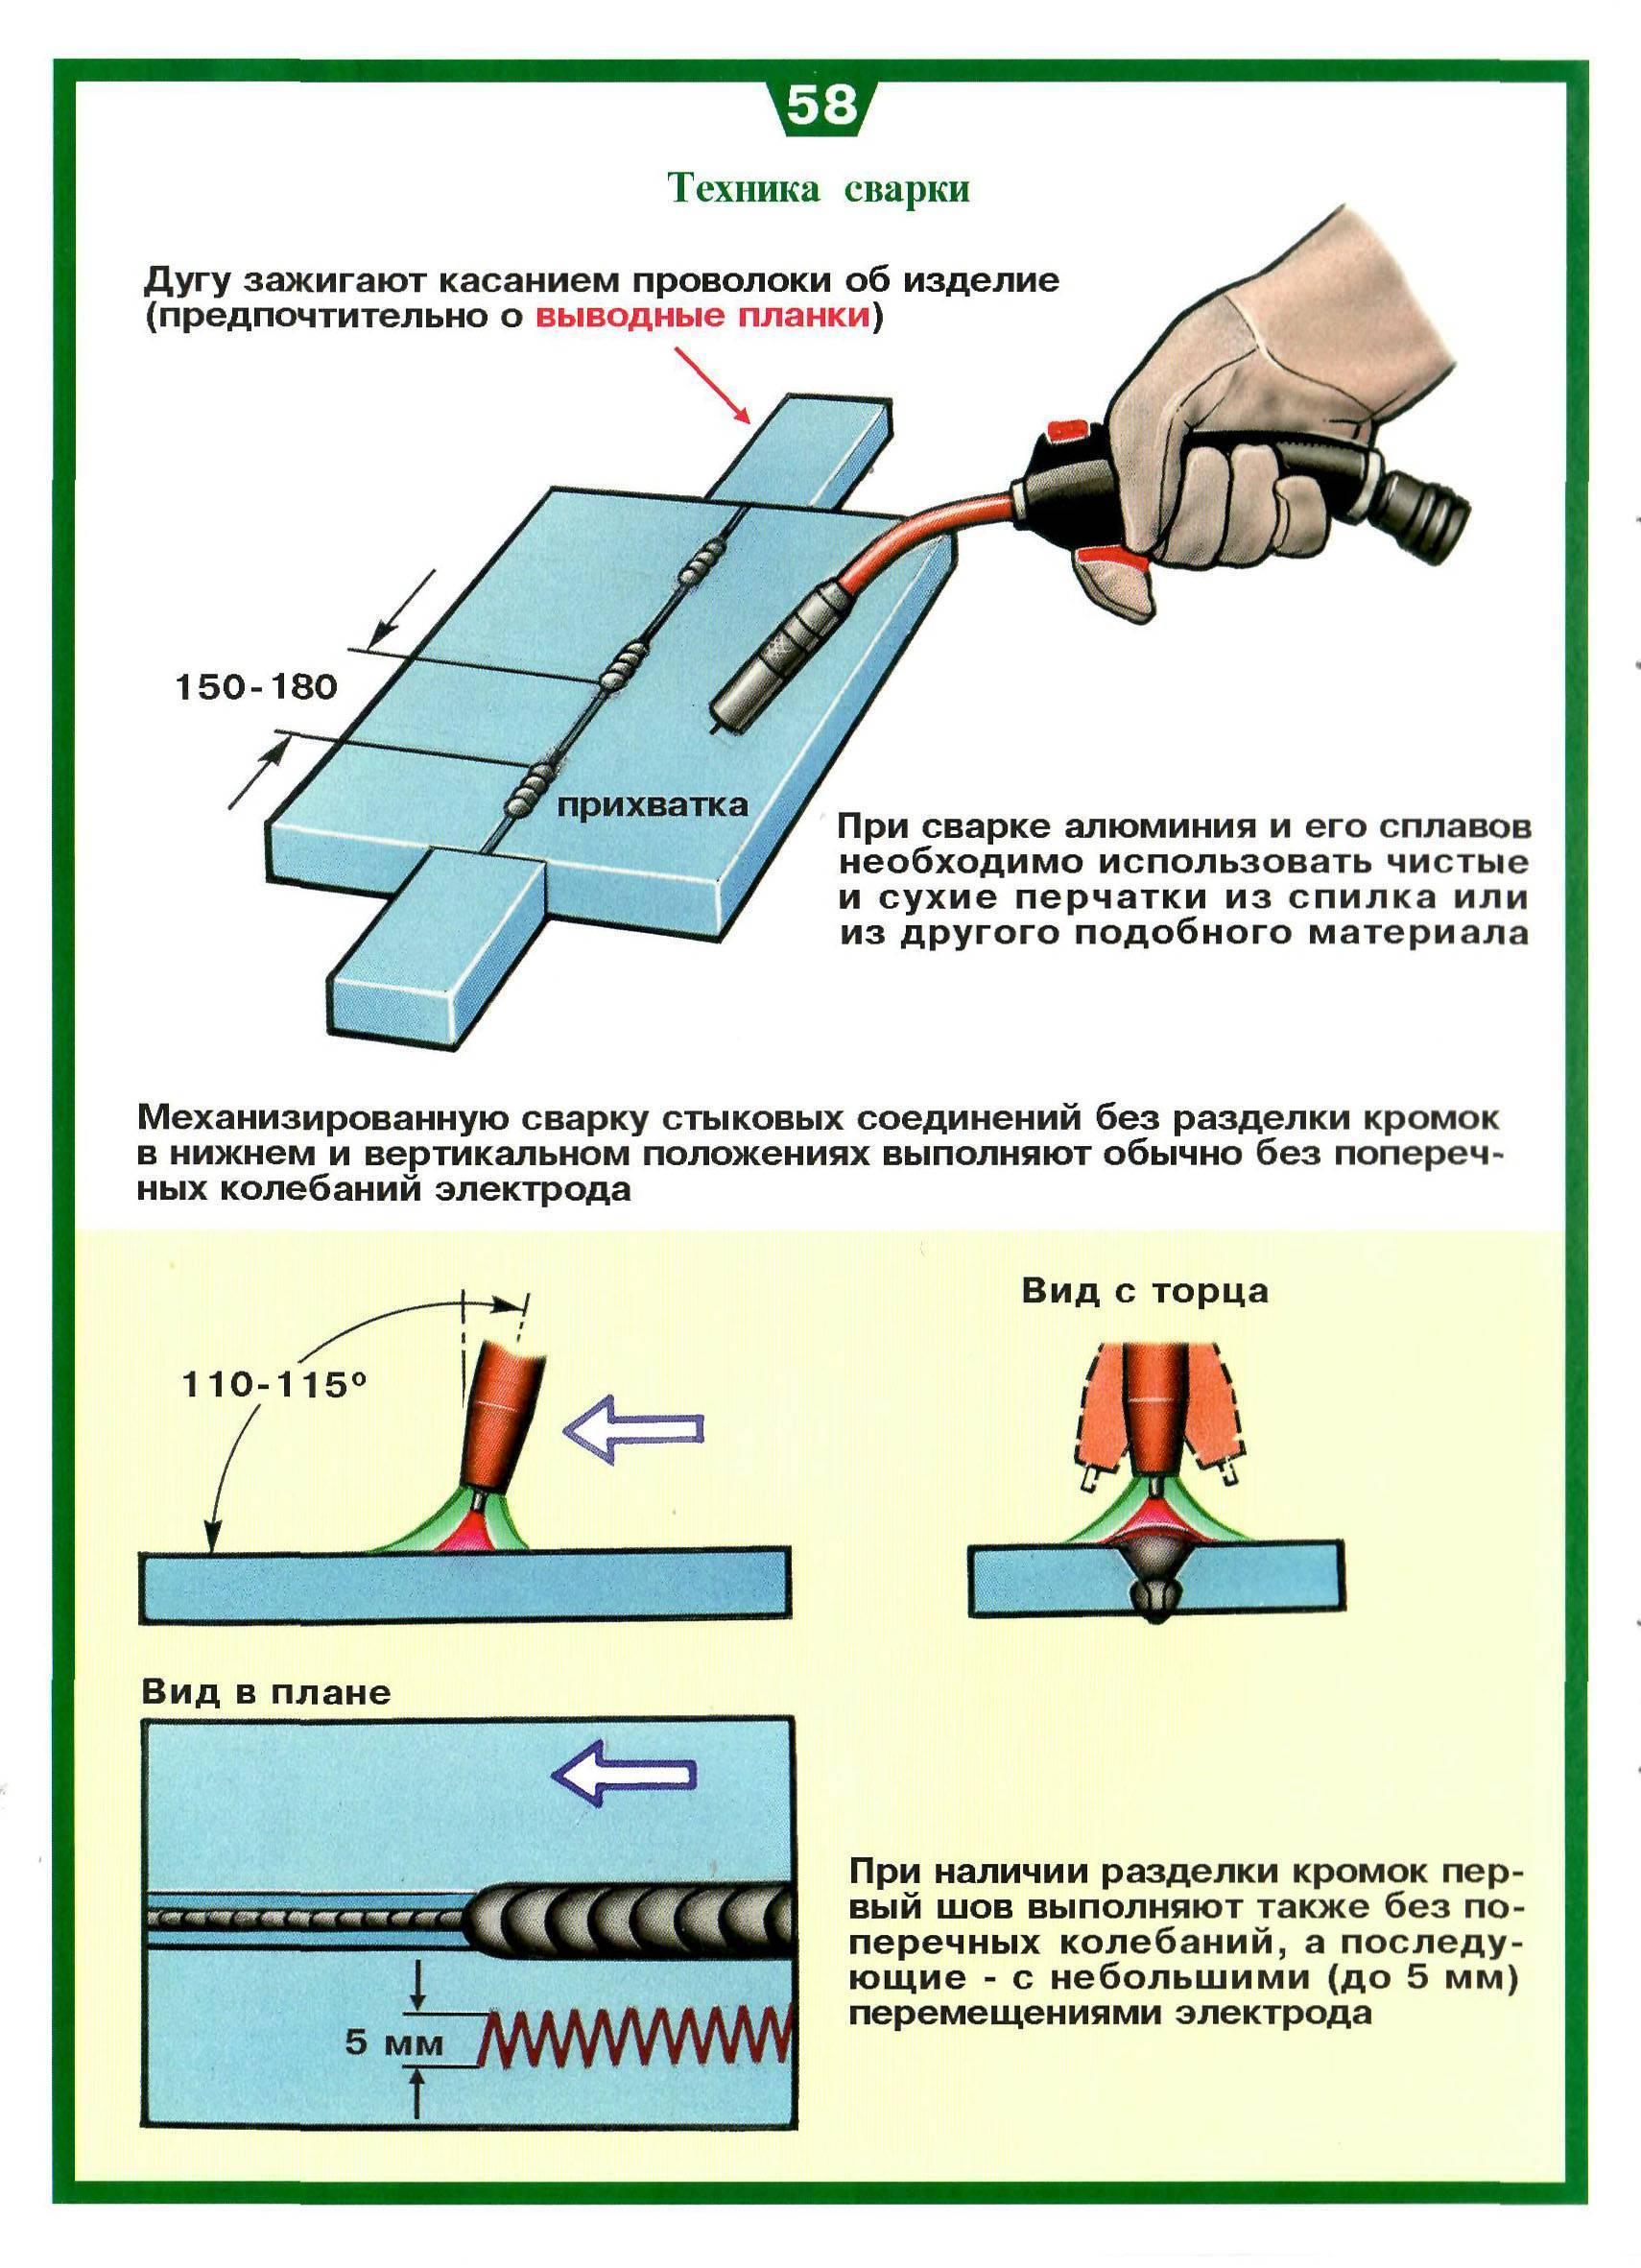 Как научиться варить инвертором с нуля?